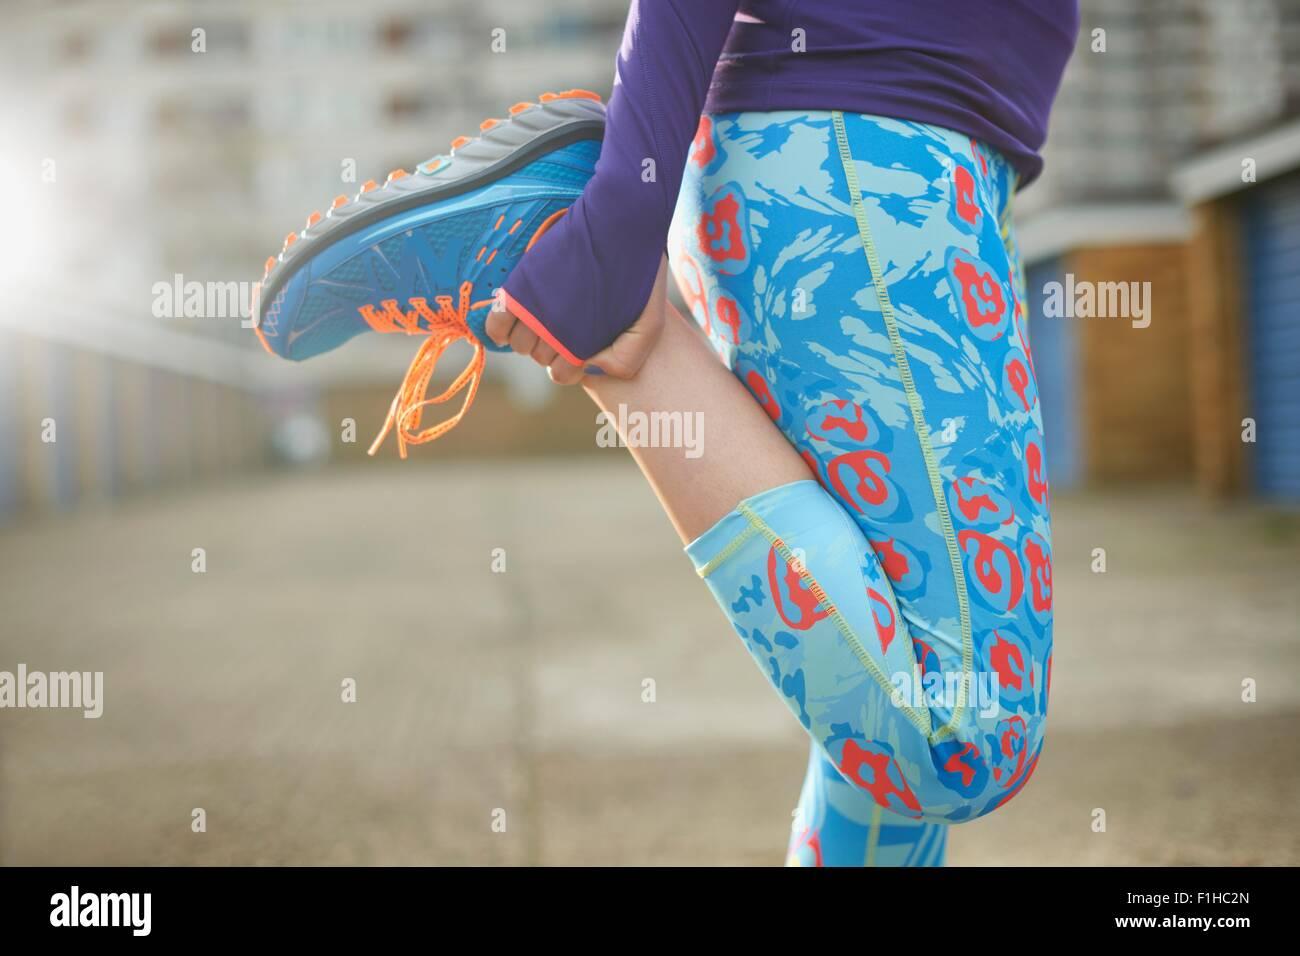 Vista recortada de mujer doblar la pierna y estiramiento antes del ejercicio Imagen De Stock